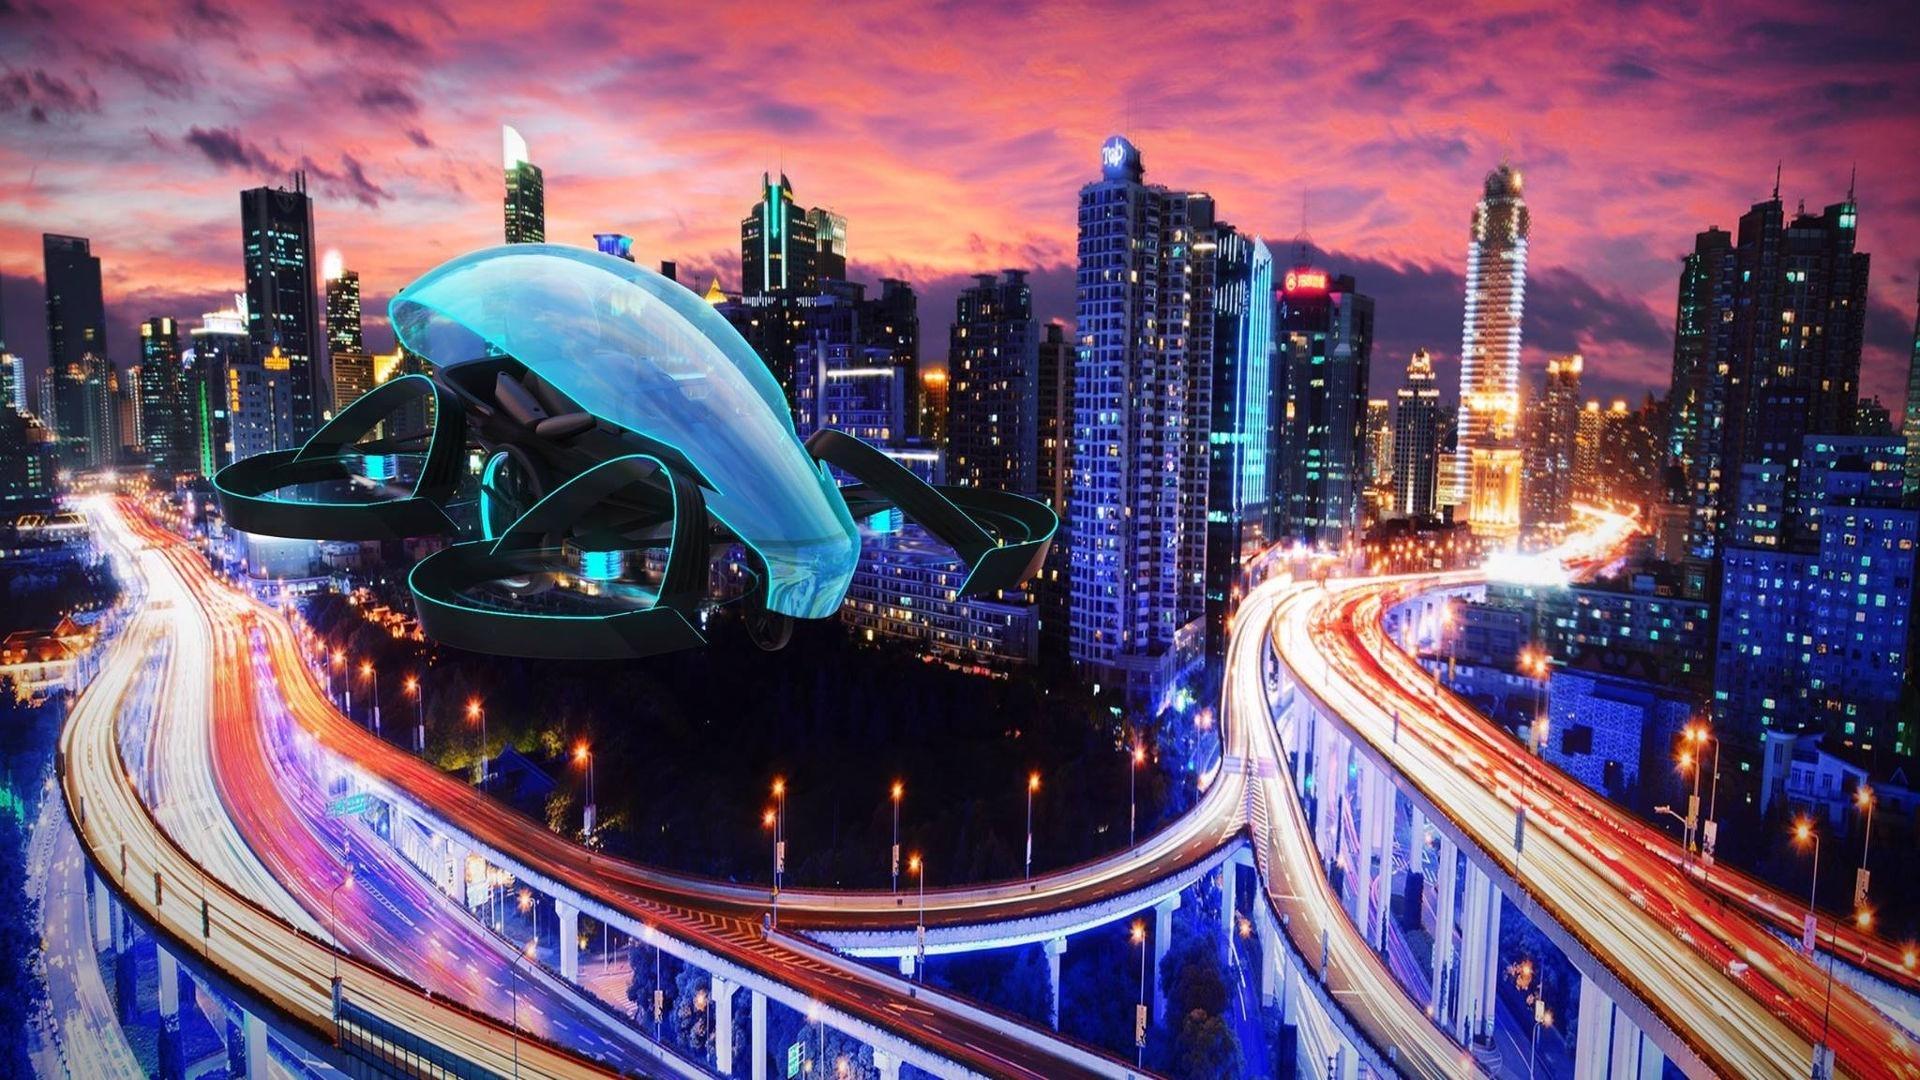 2019日本经济与物流_2019全球新经济年会 智慧供应链峰会将在沪召开,共话发展新机遇 经...